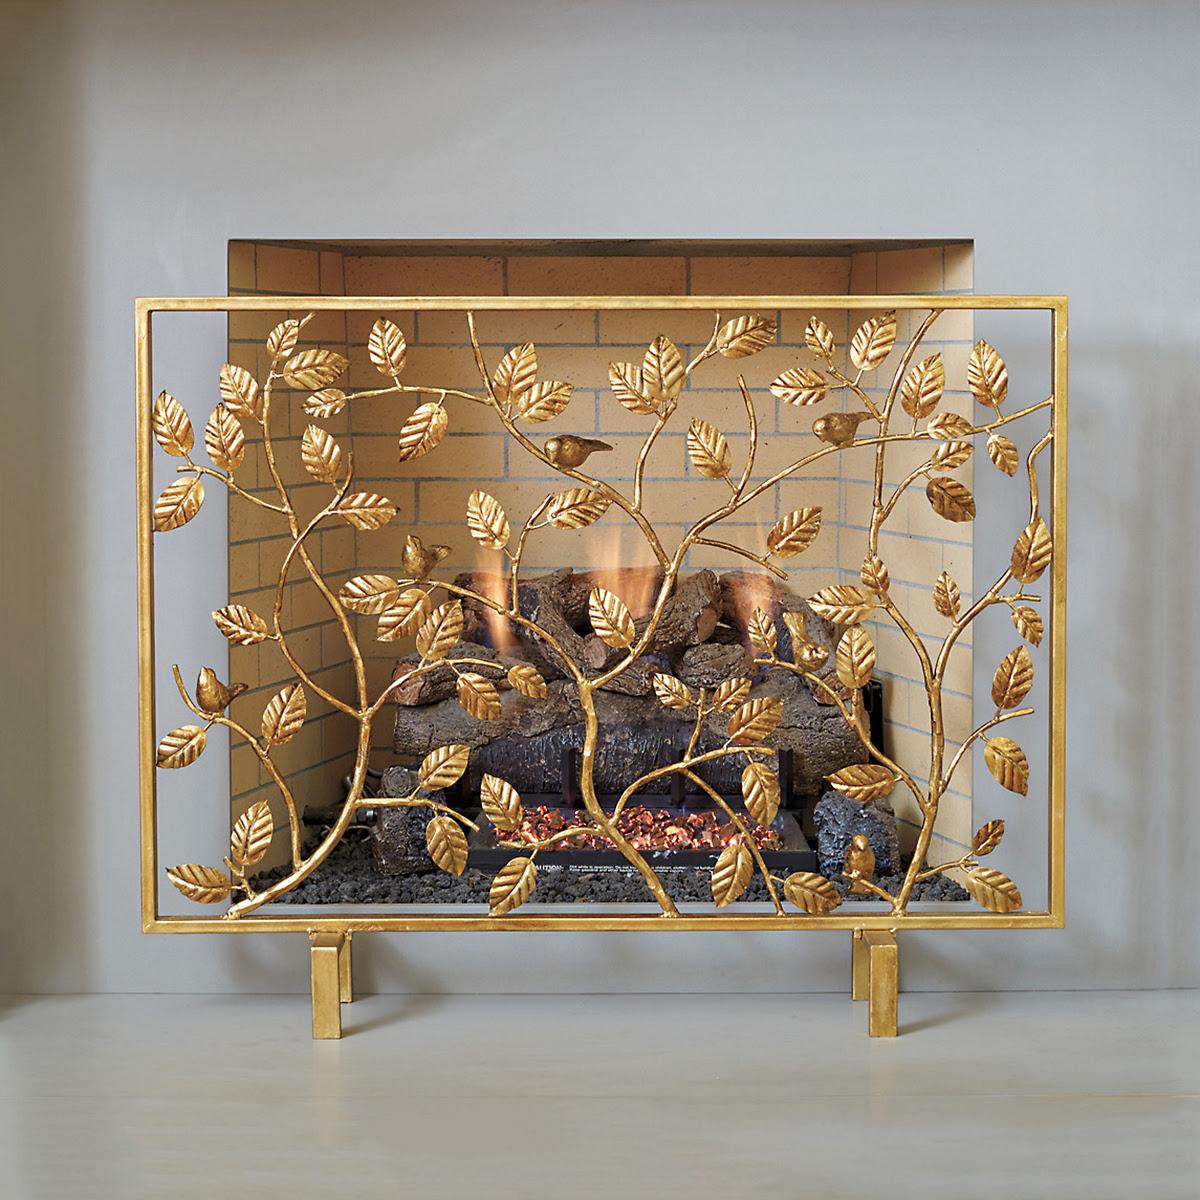 Electric Fireplace Golden Bird Decorative Fireplace Screen Gumps